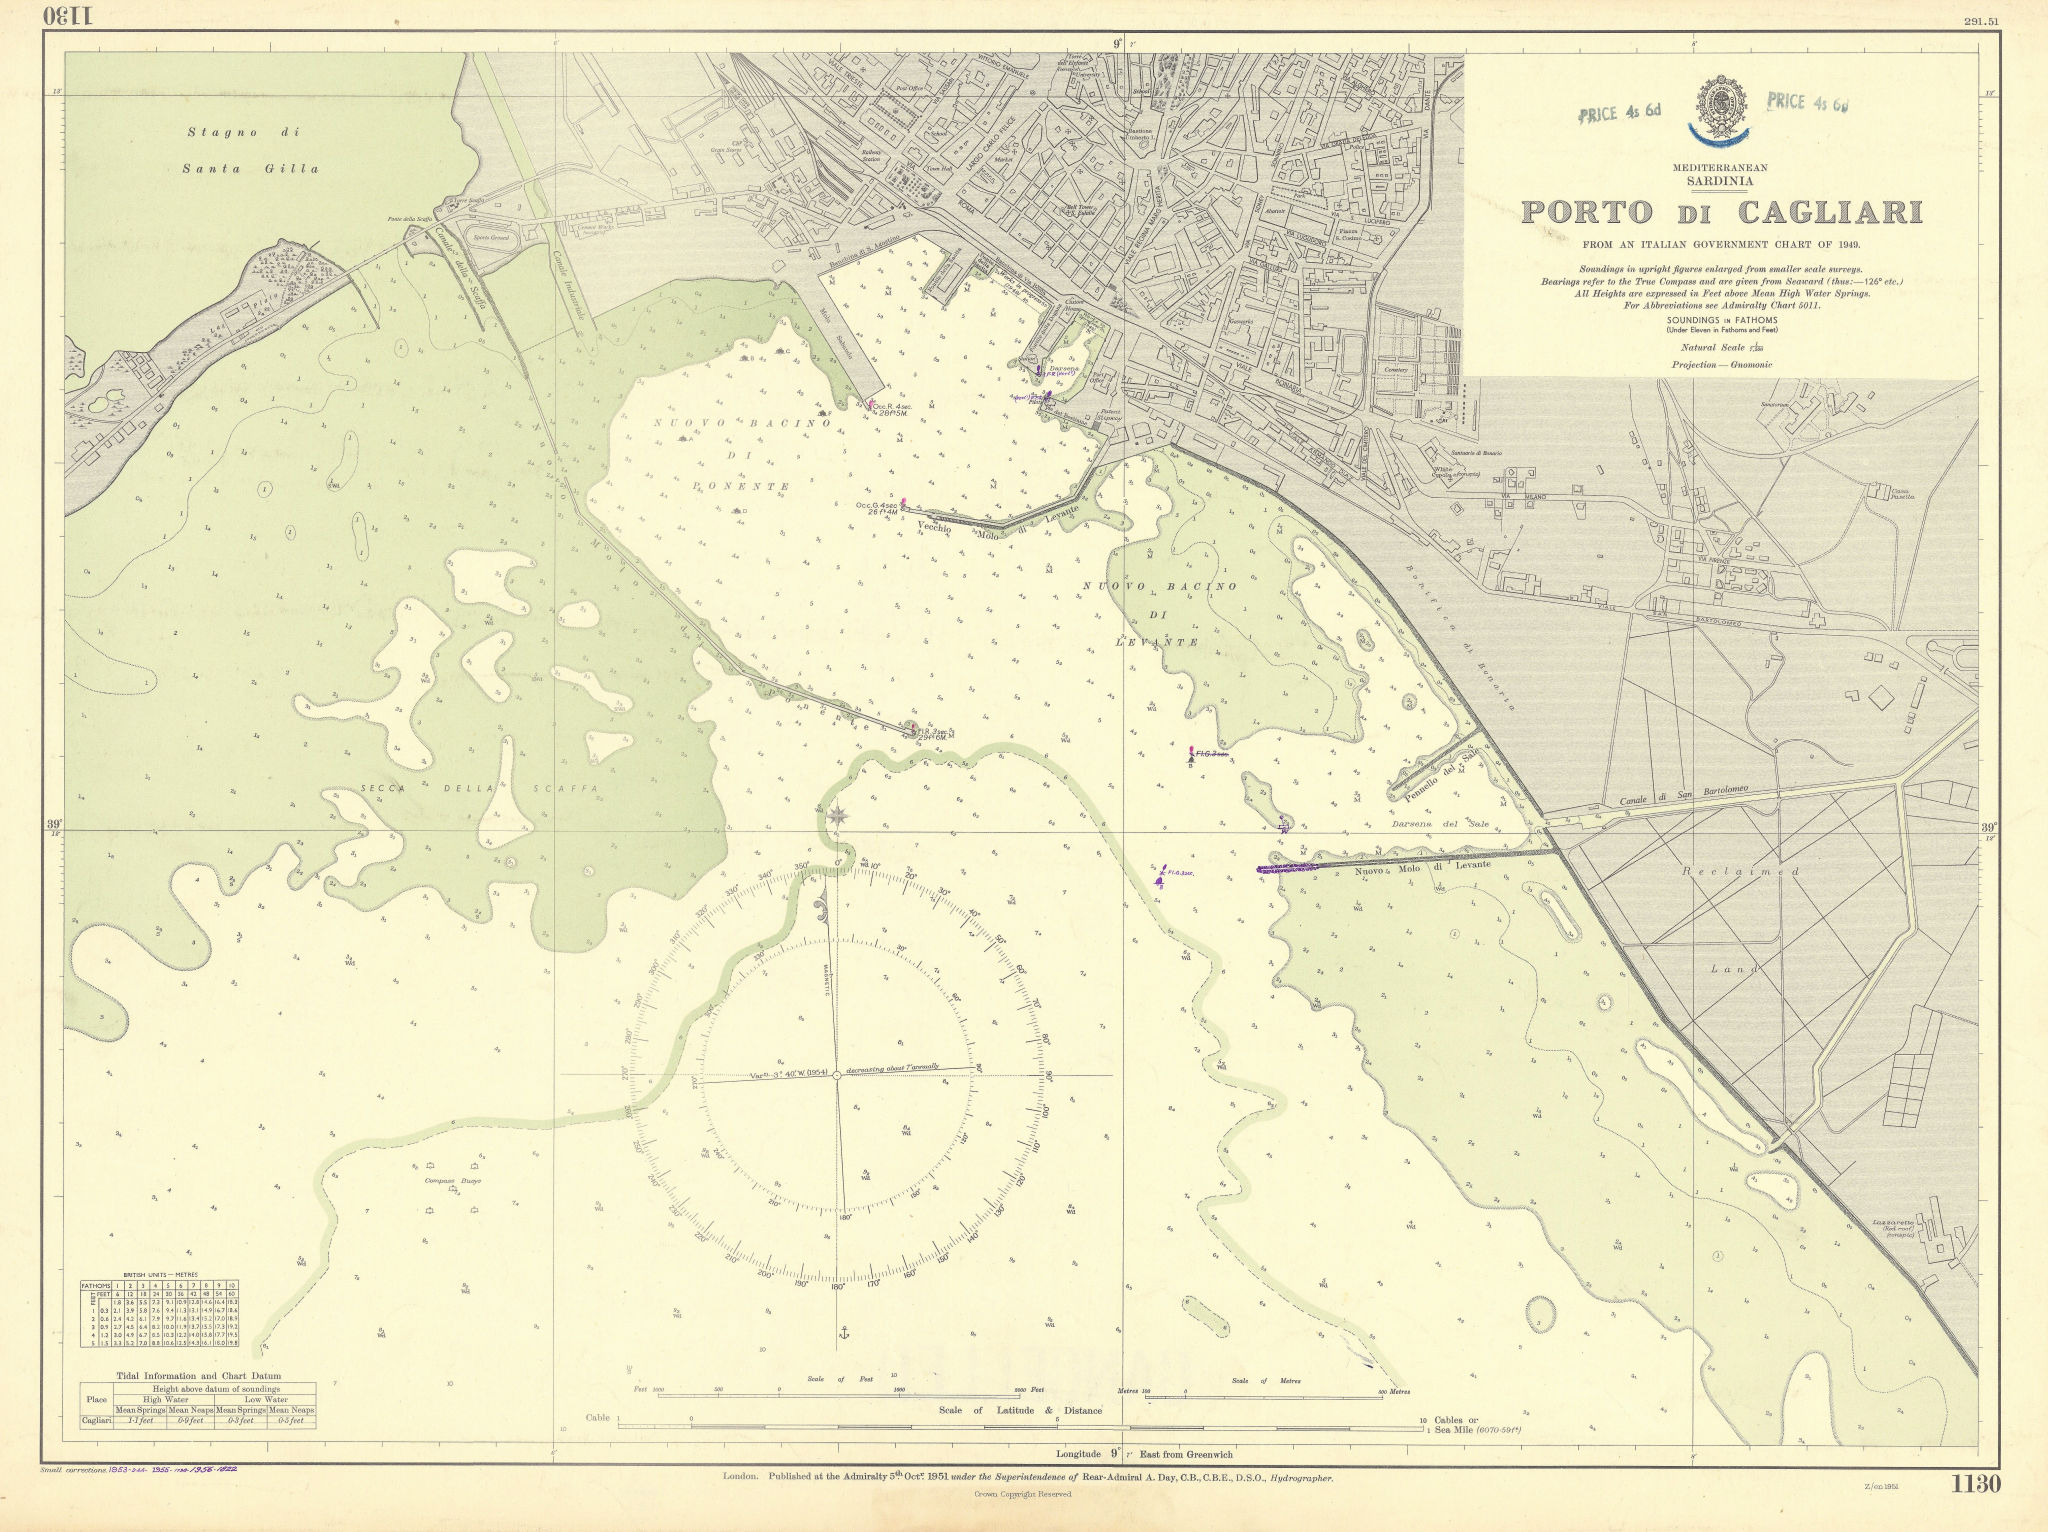 Porto di Cagliari, Sardinia. Mediterranean. ADMIRALTY sea chart 1951 (1956) map